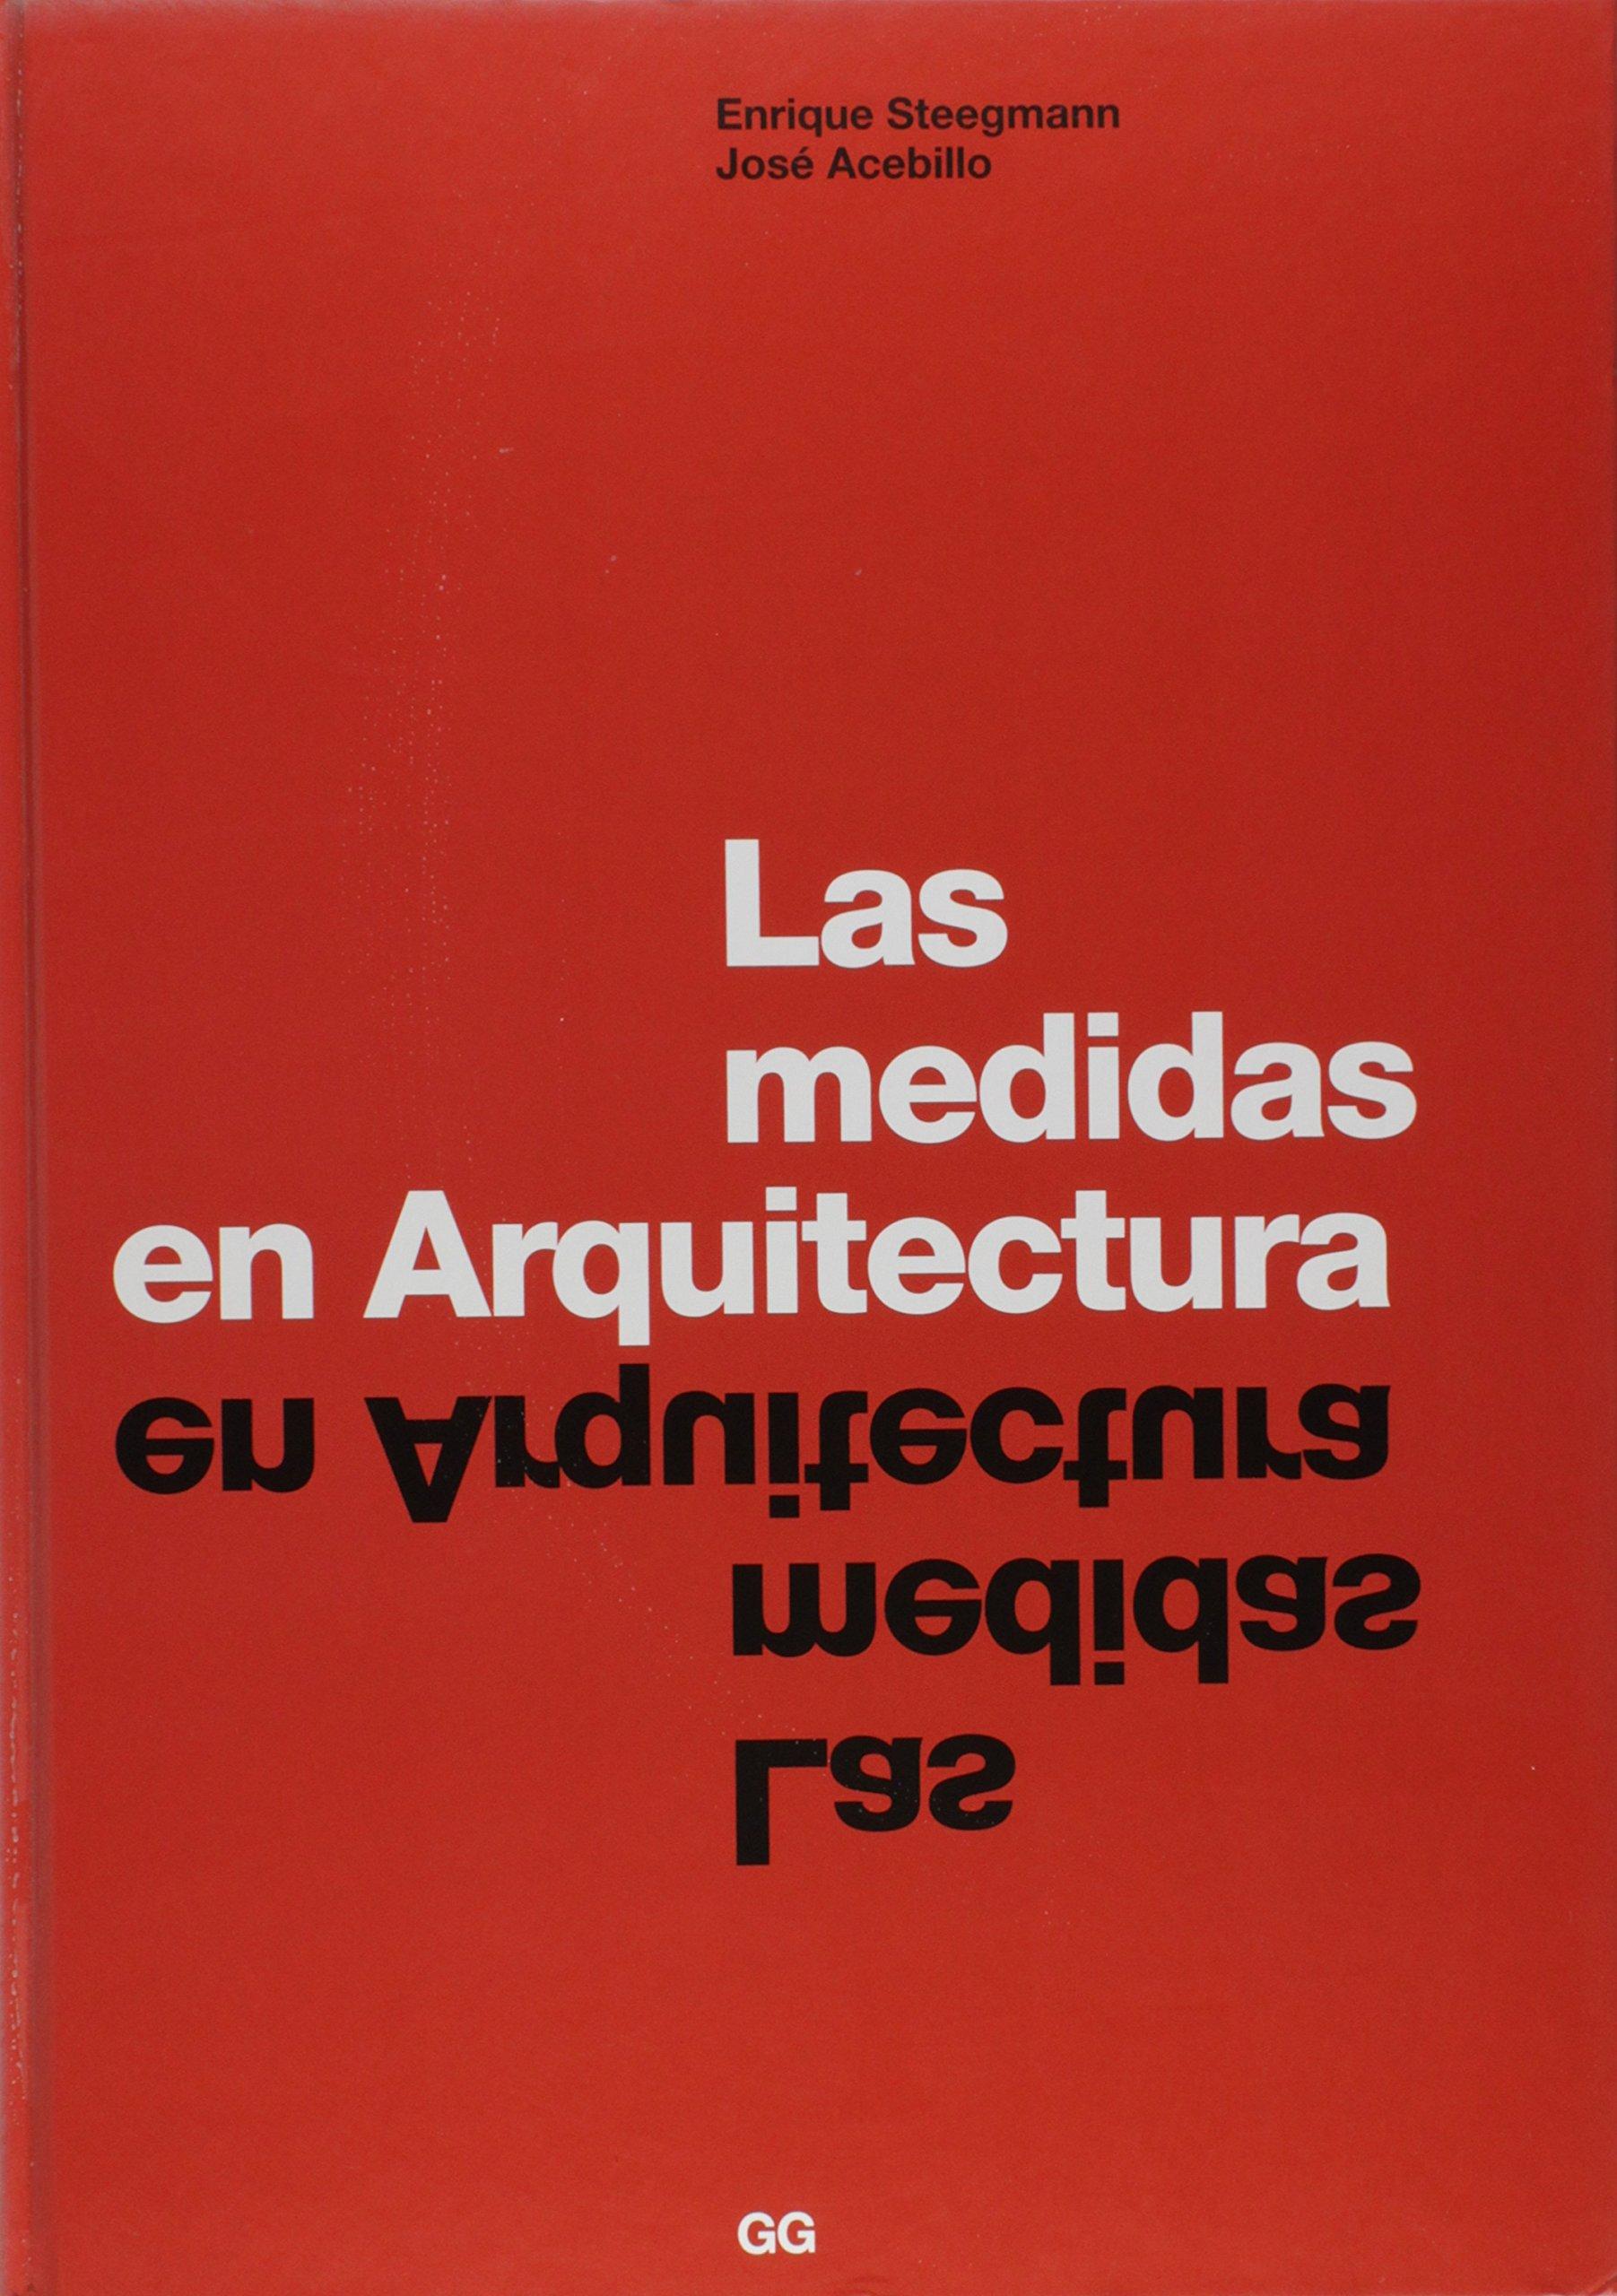 Las medidas en arquitectura: Amazon.es: Enrique Steegman, Jose Acebillo: Libros